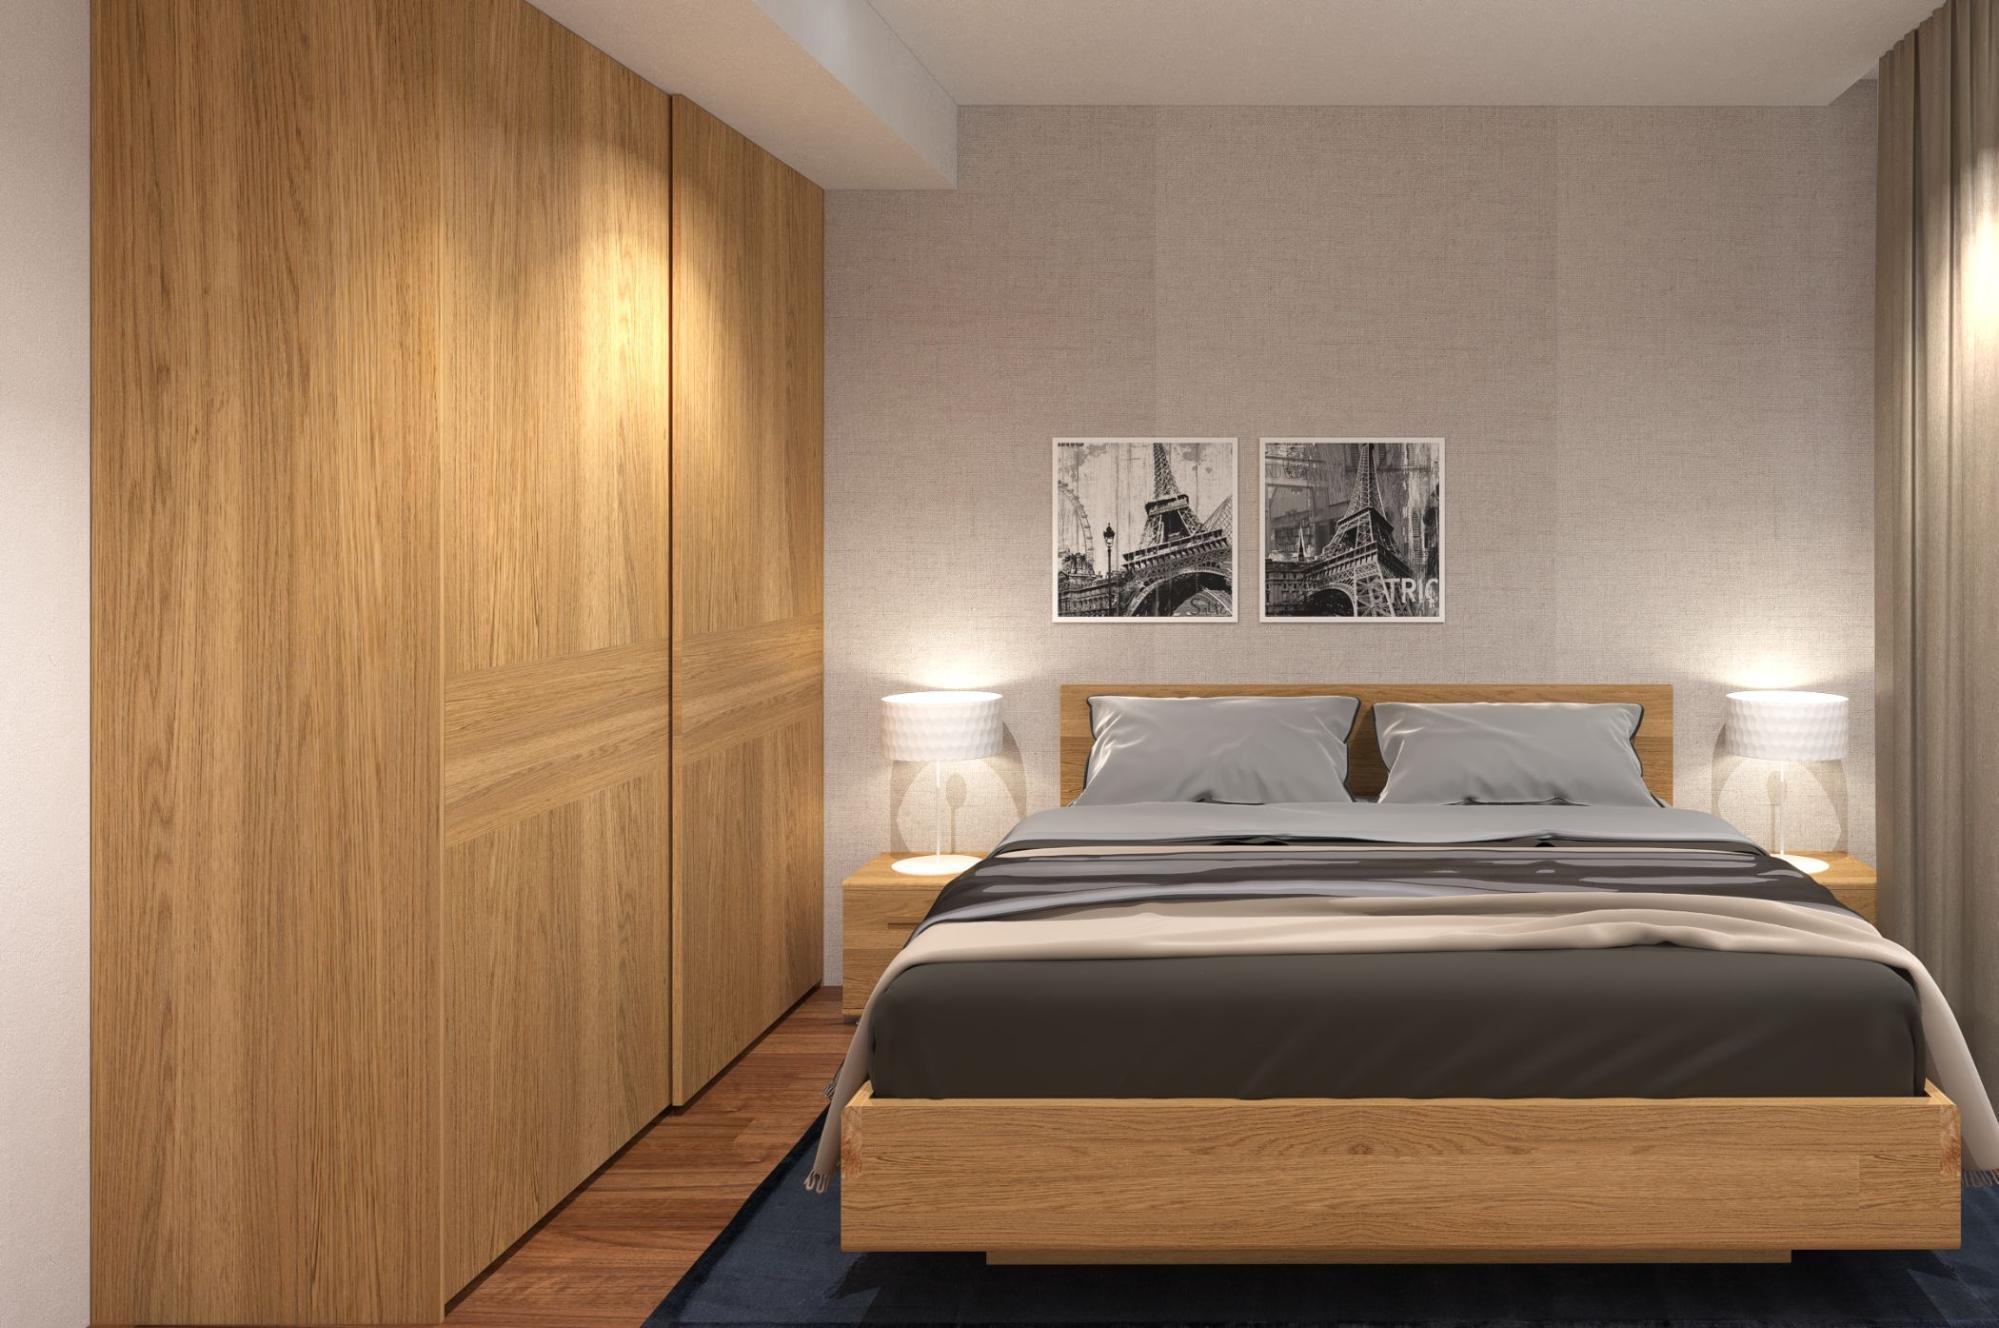 Mẫu thiết kế phòng ngủ kết hợp phòng thay đồ với thiết kế tủ gỗ